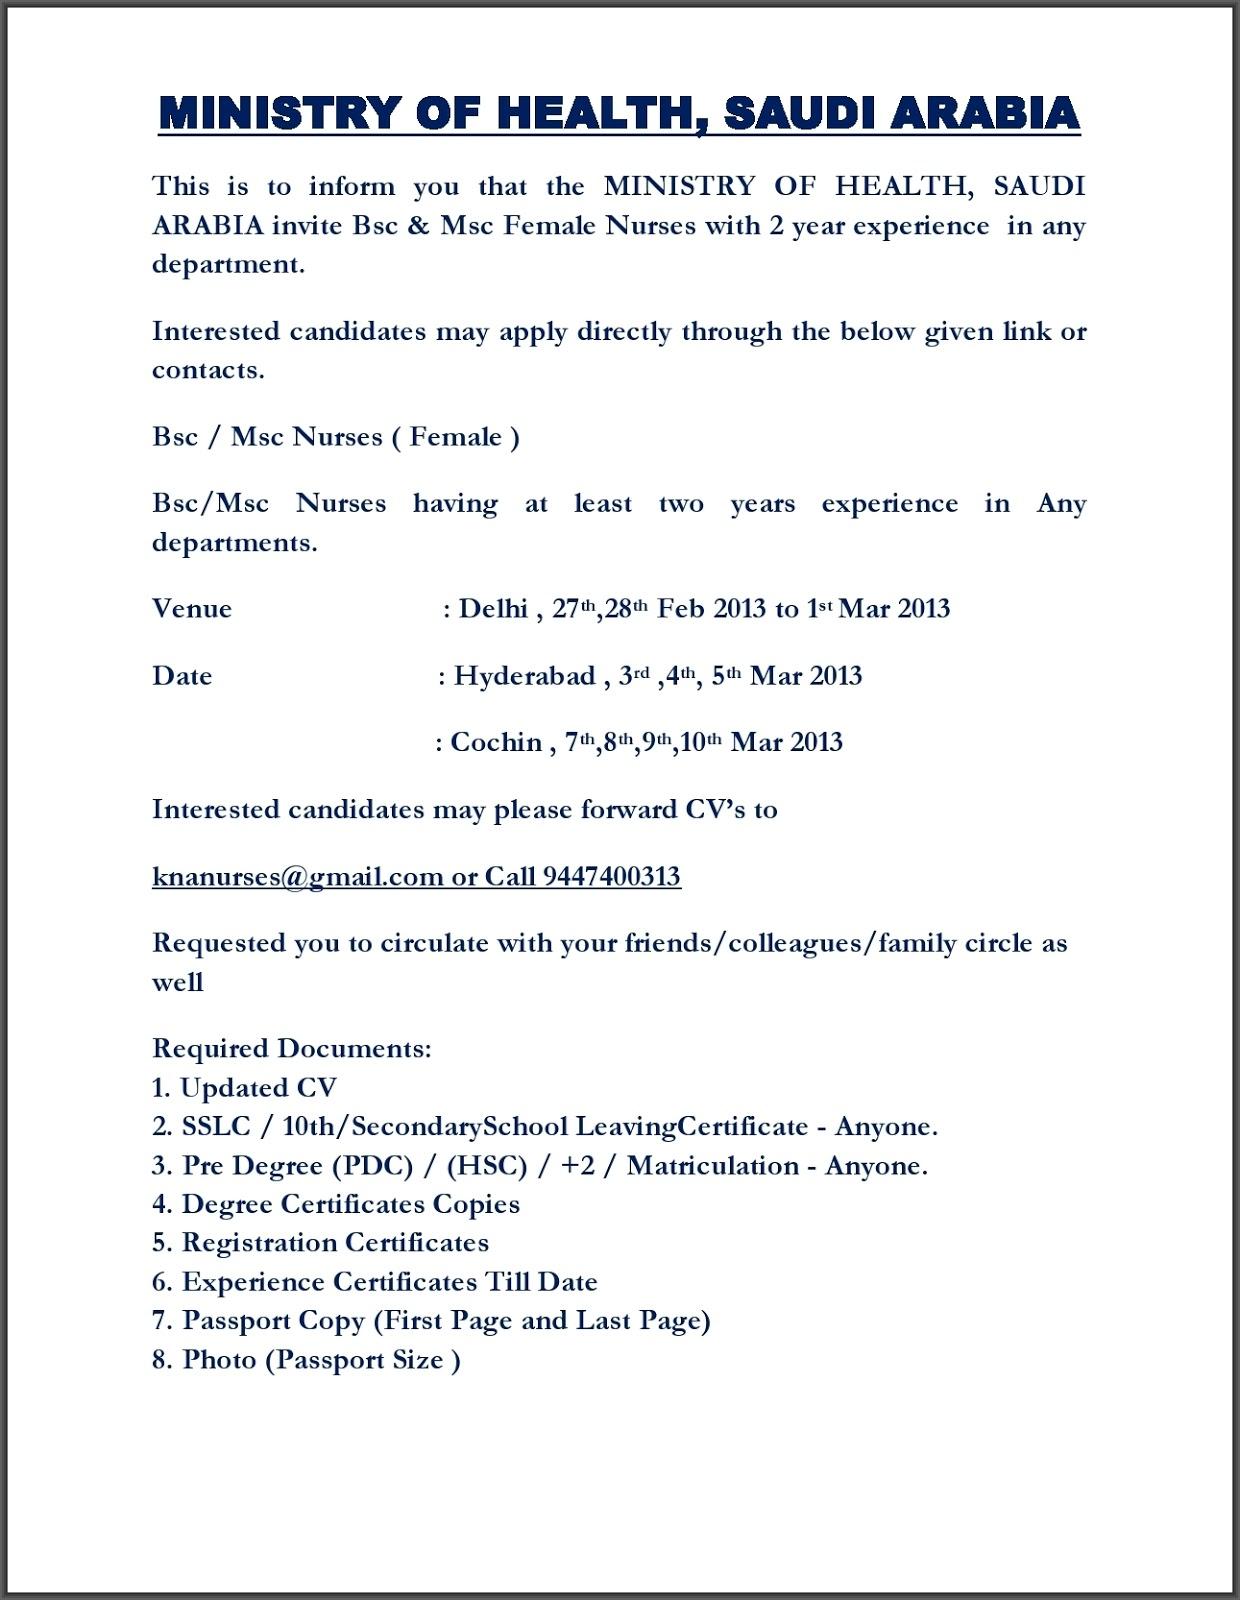 Openings for BSc and MSc Nurses in Saudi Arabia MoH ...